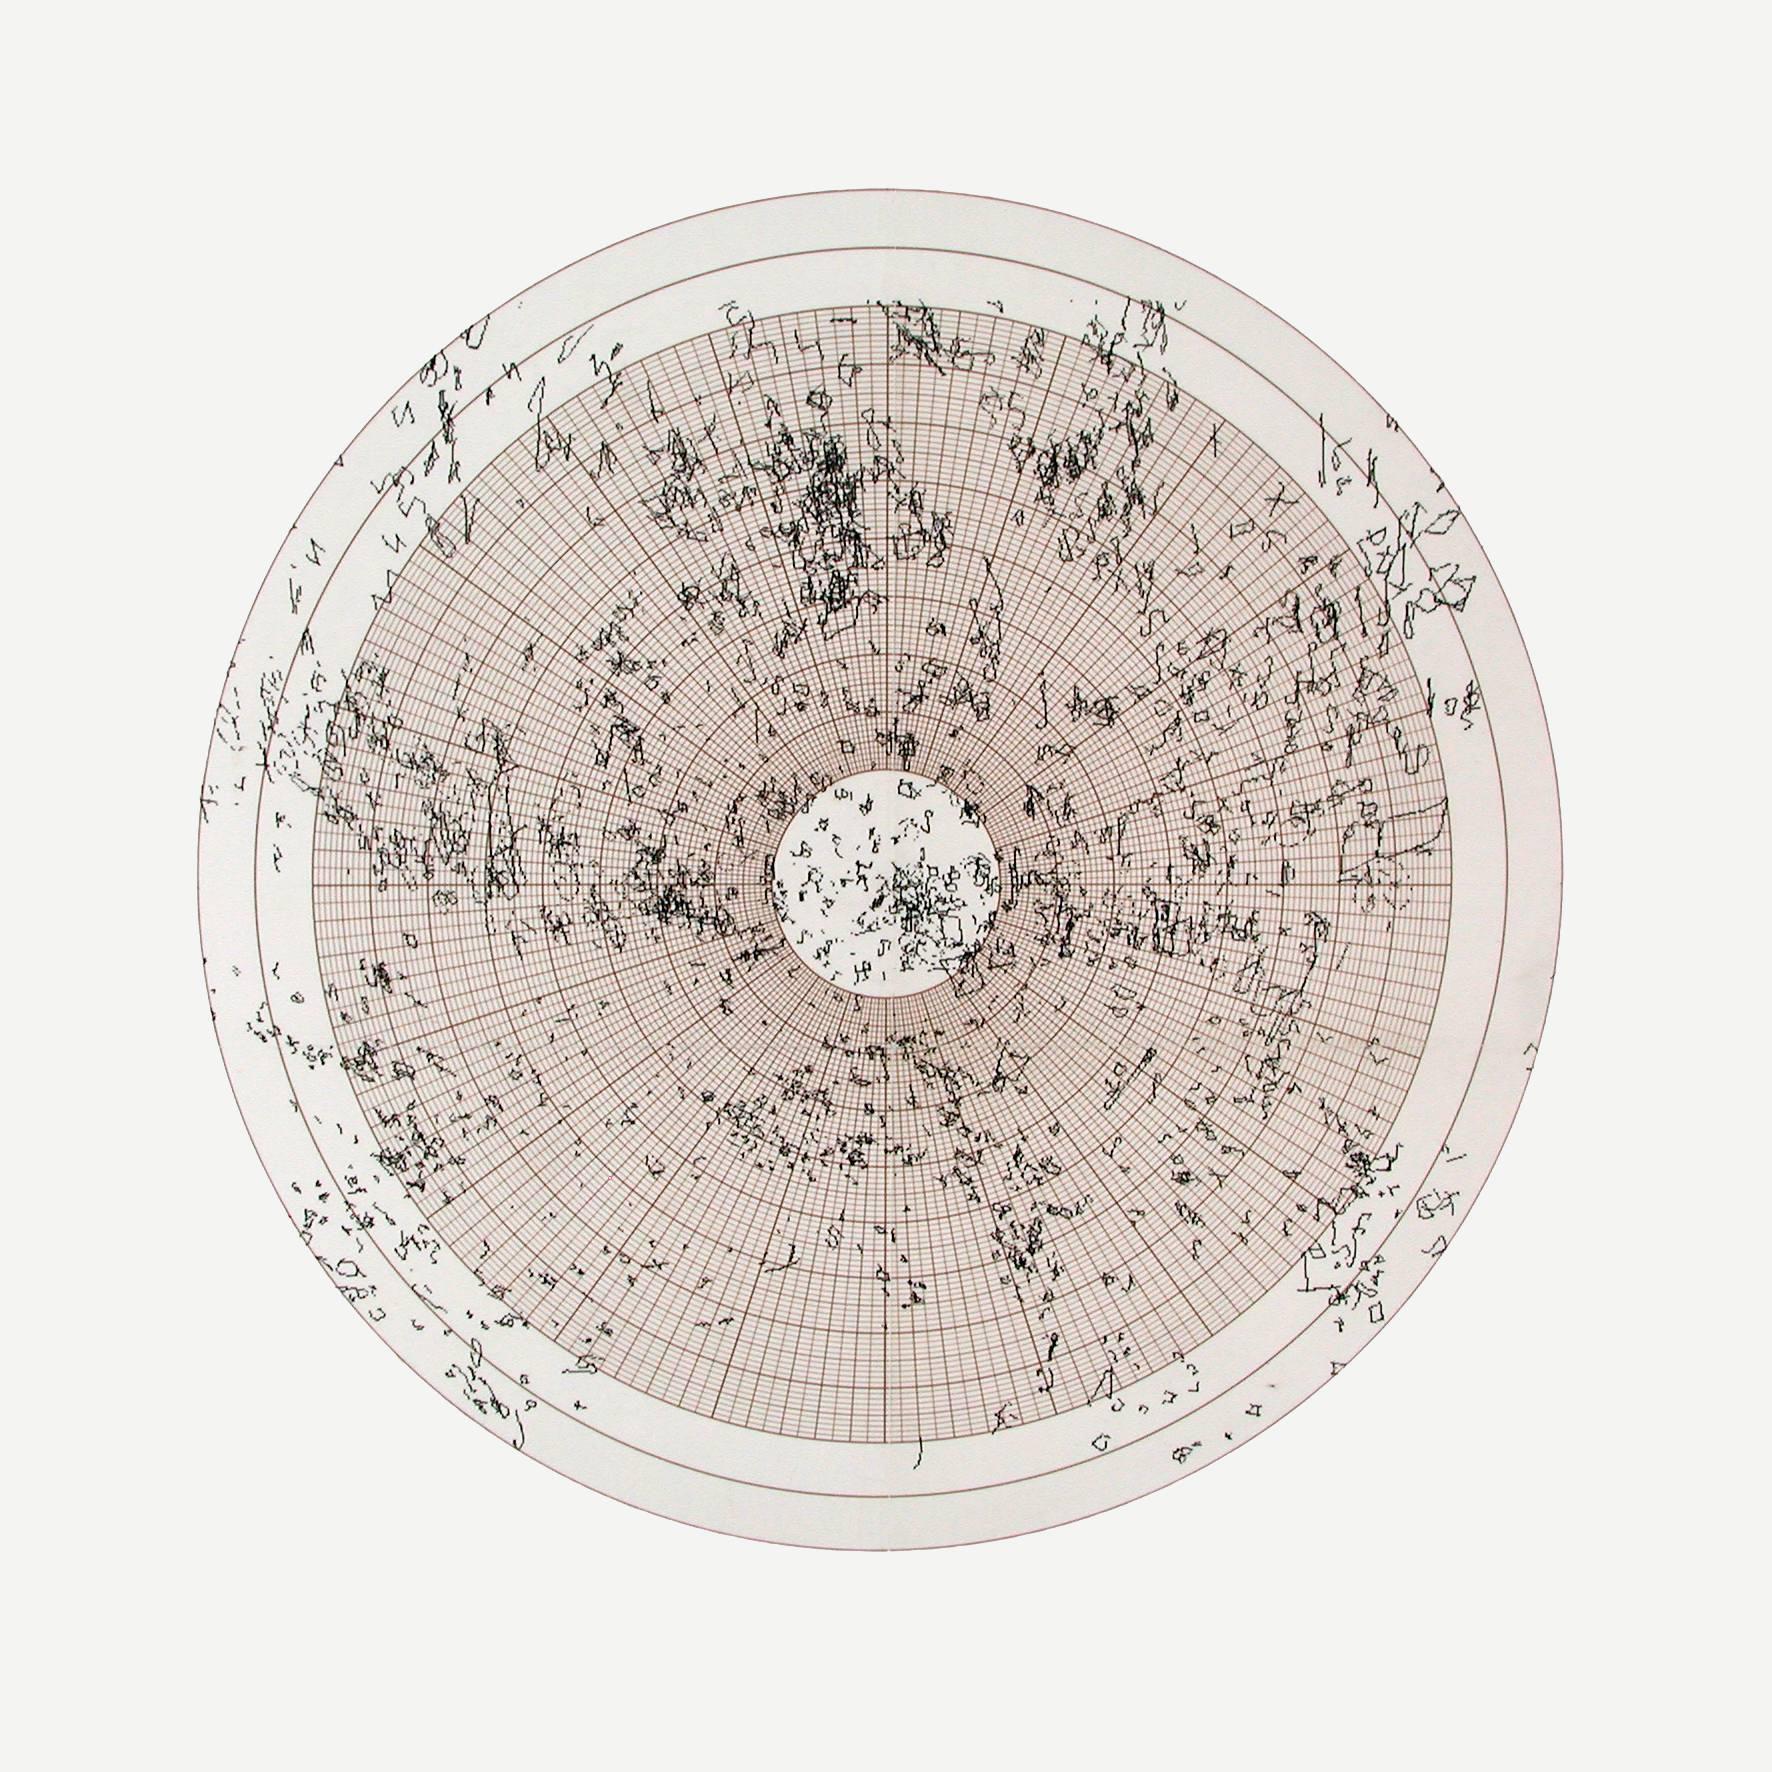 Claude Heath: Universe, 2005 Tusche auf Polarkoordinatenpapier, montiert auf Archivkarton, 73 x 51 cm Sammlung Schering Stiftung im Kupferstichkabinett, Staatliche Museen zu Berlin © Claude Heath / Courtesy Claude Heath, London